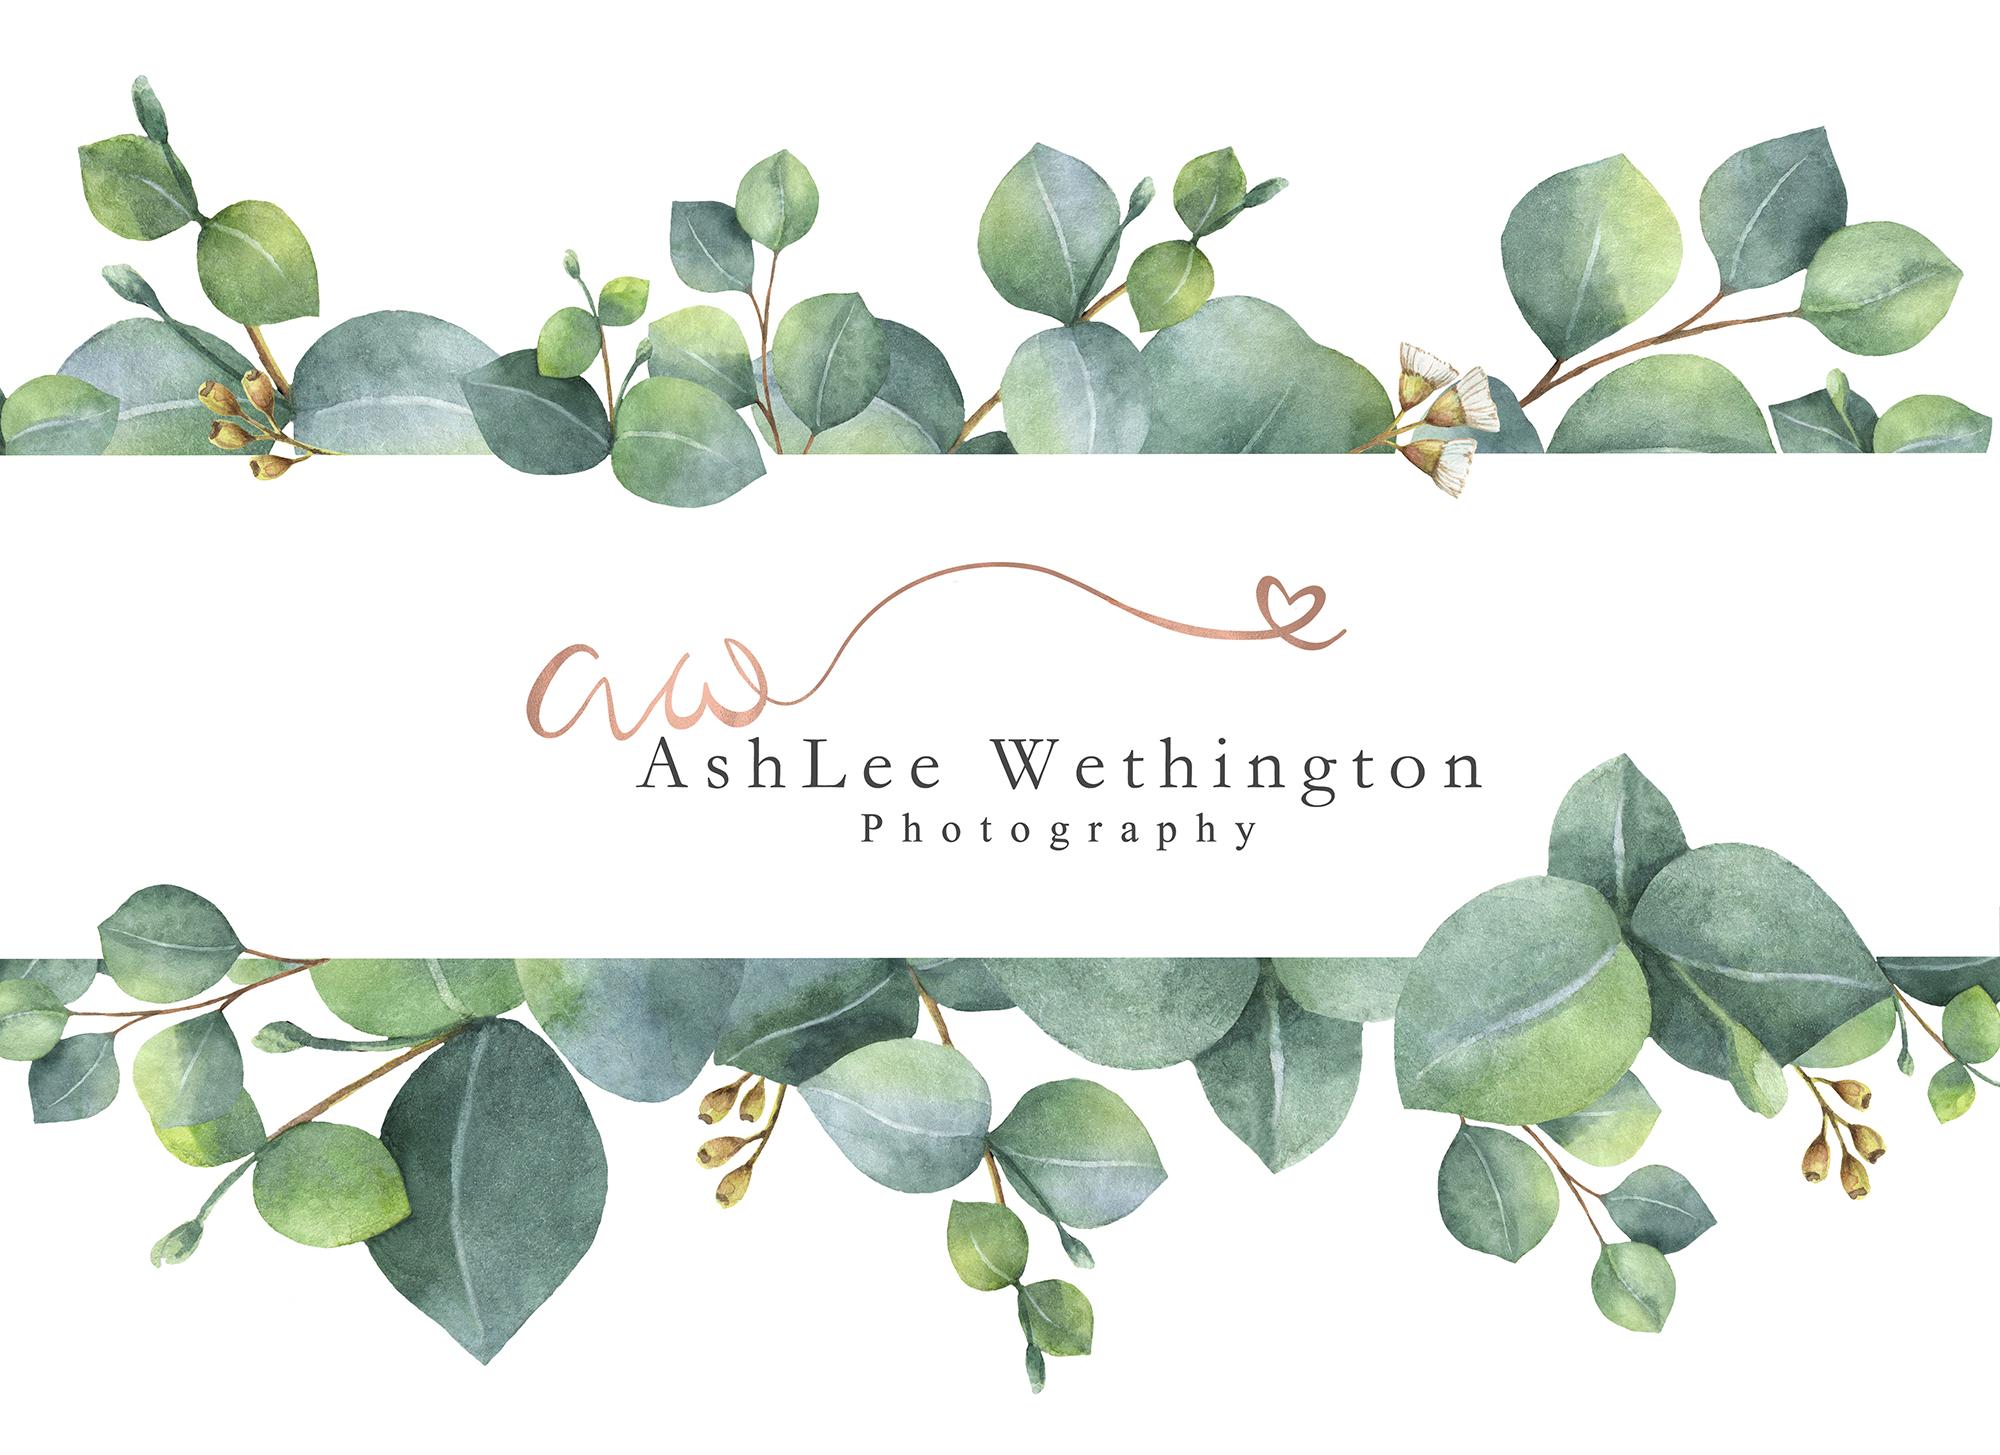 AshLee Wethington Photography